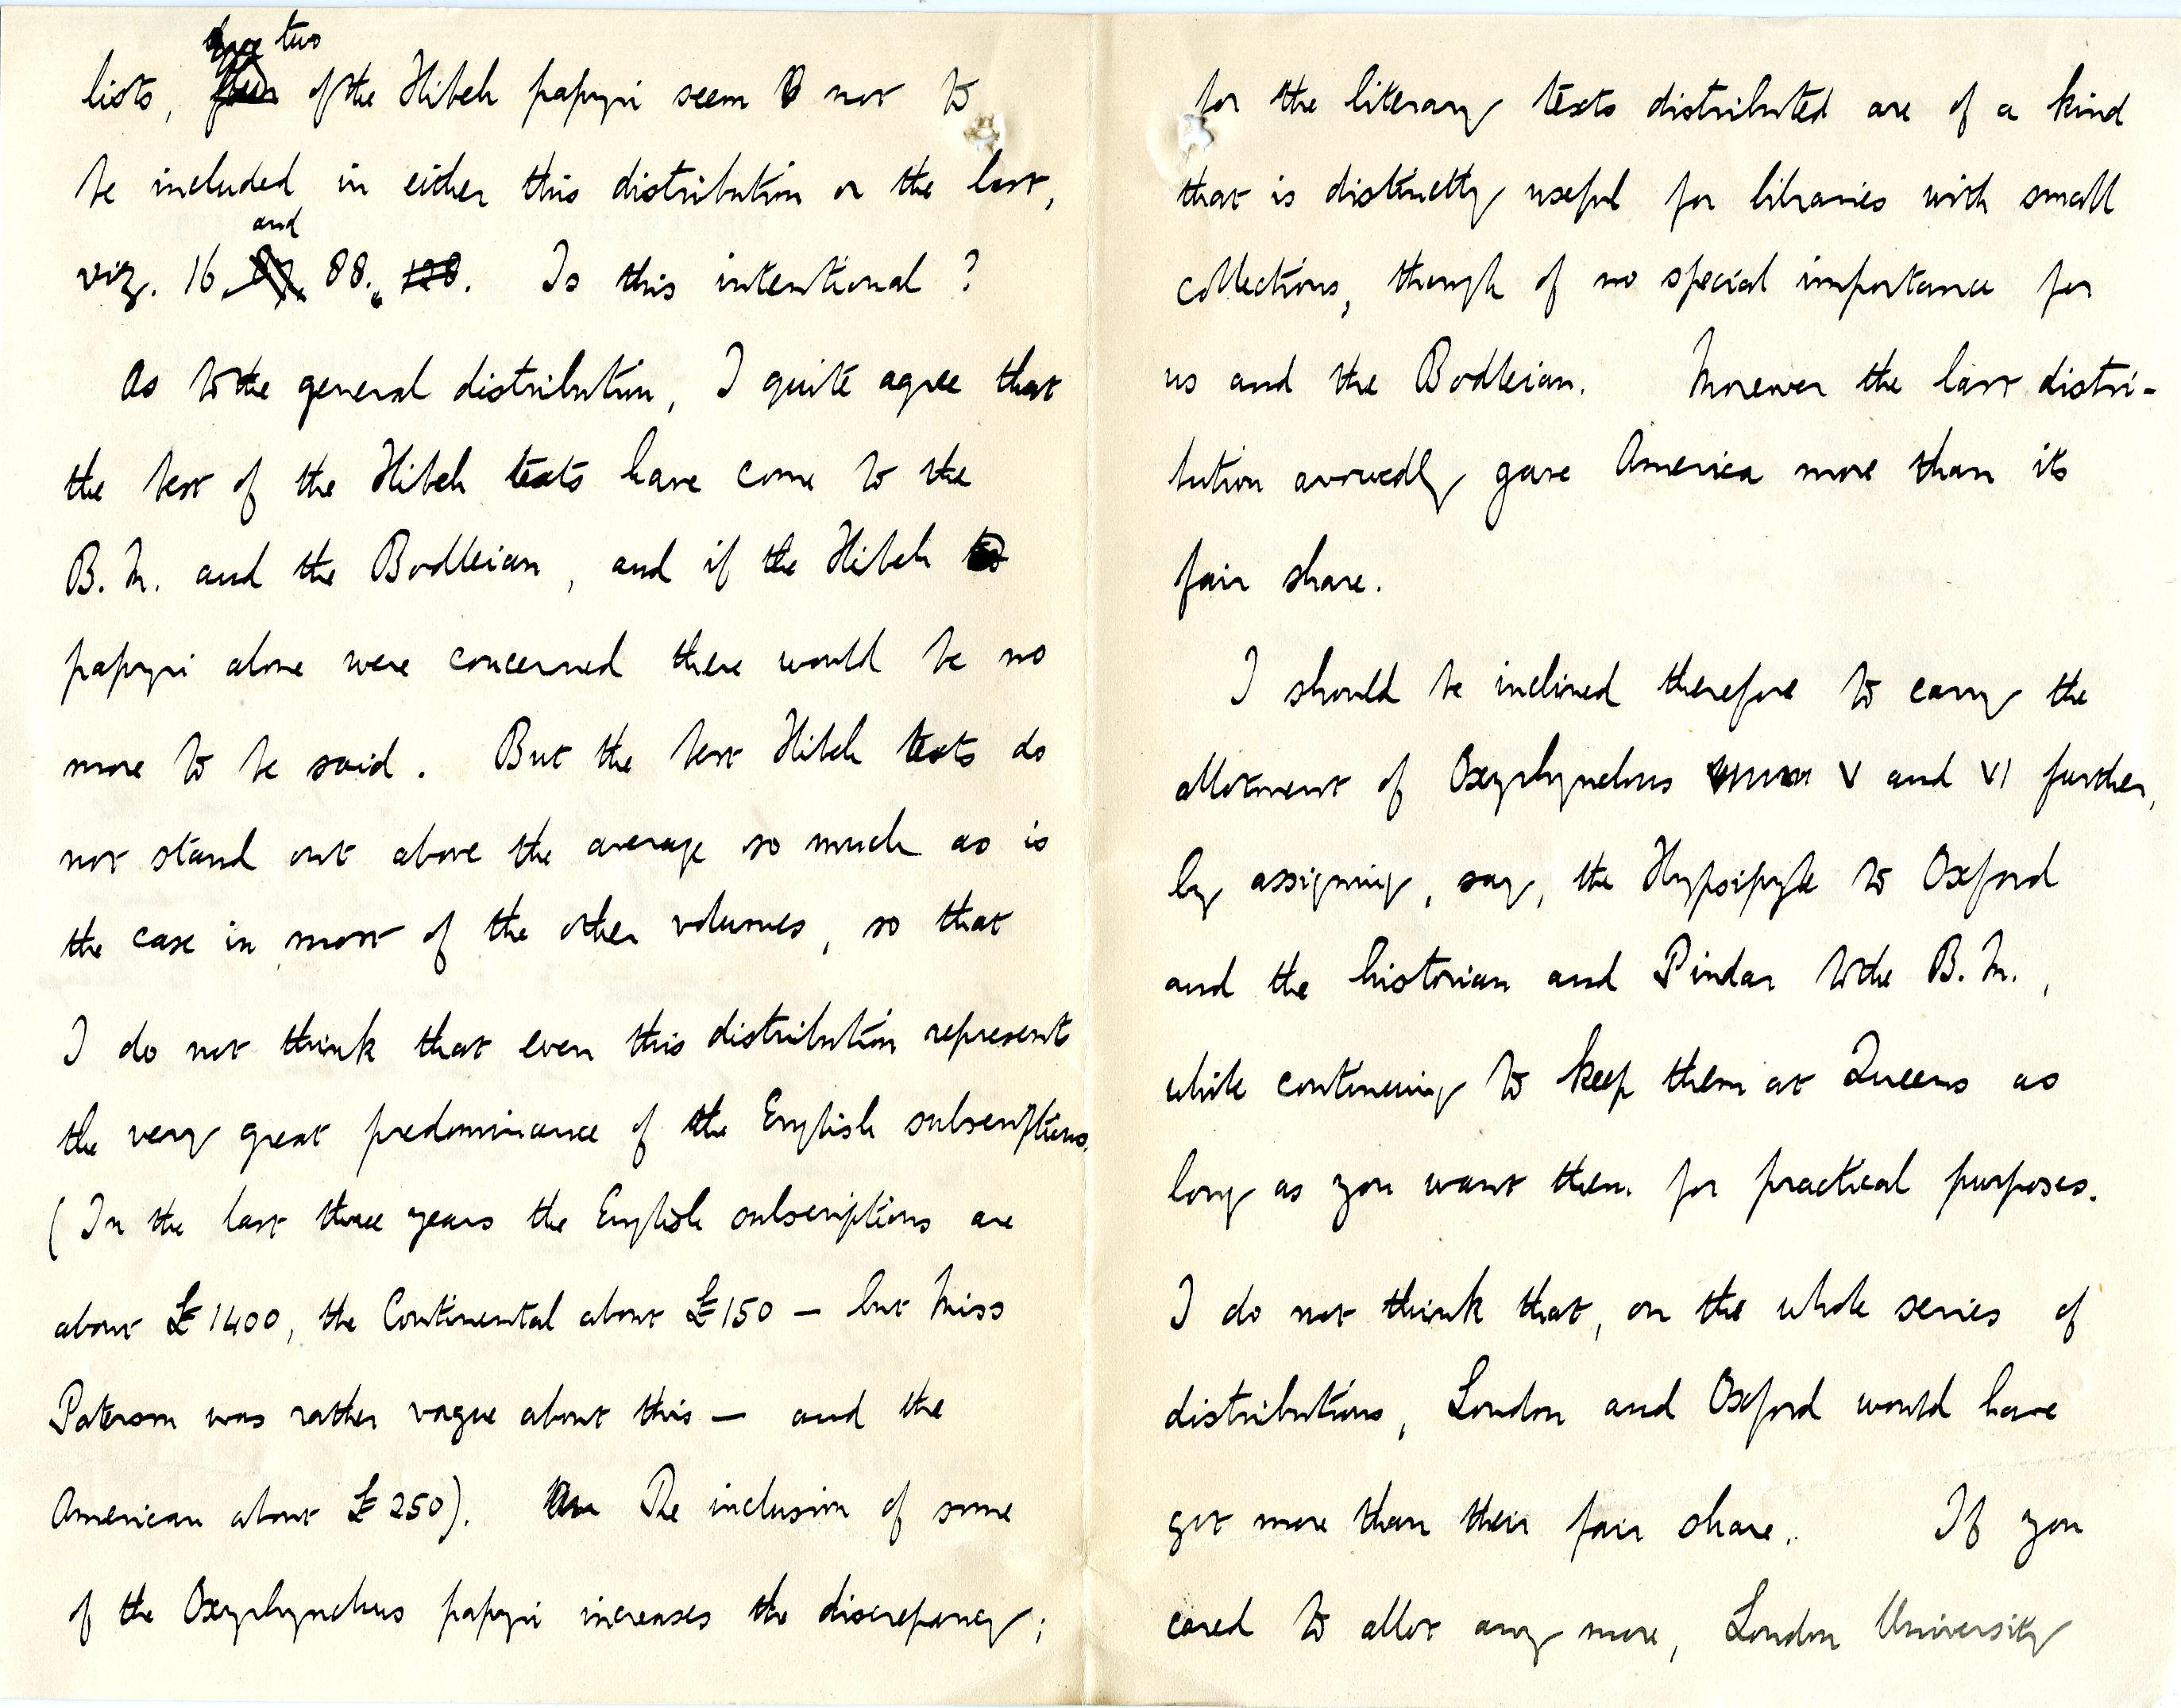 1908-13 Papyri DIST.32.10b